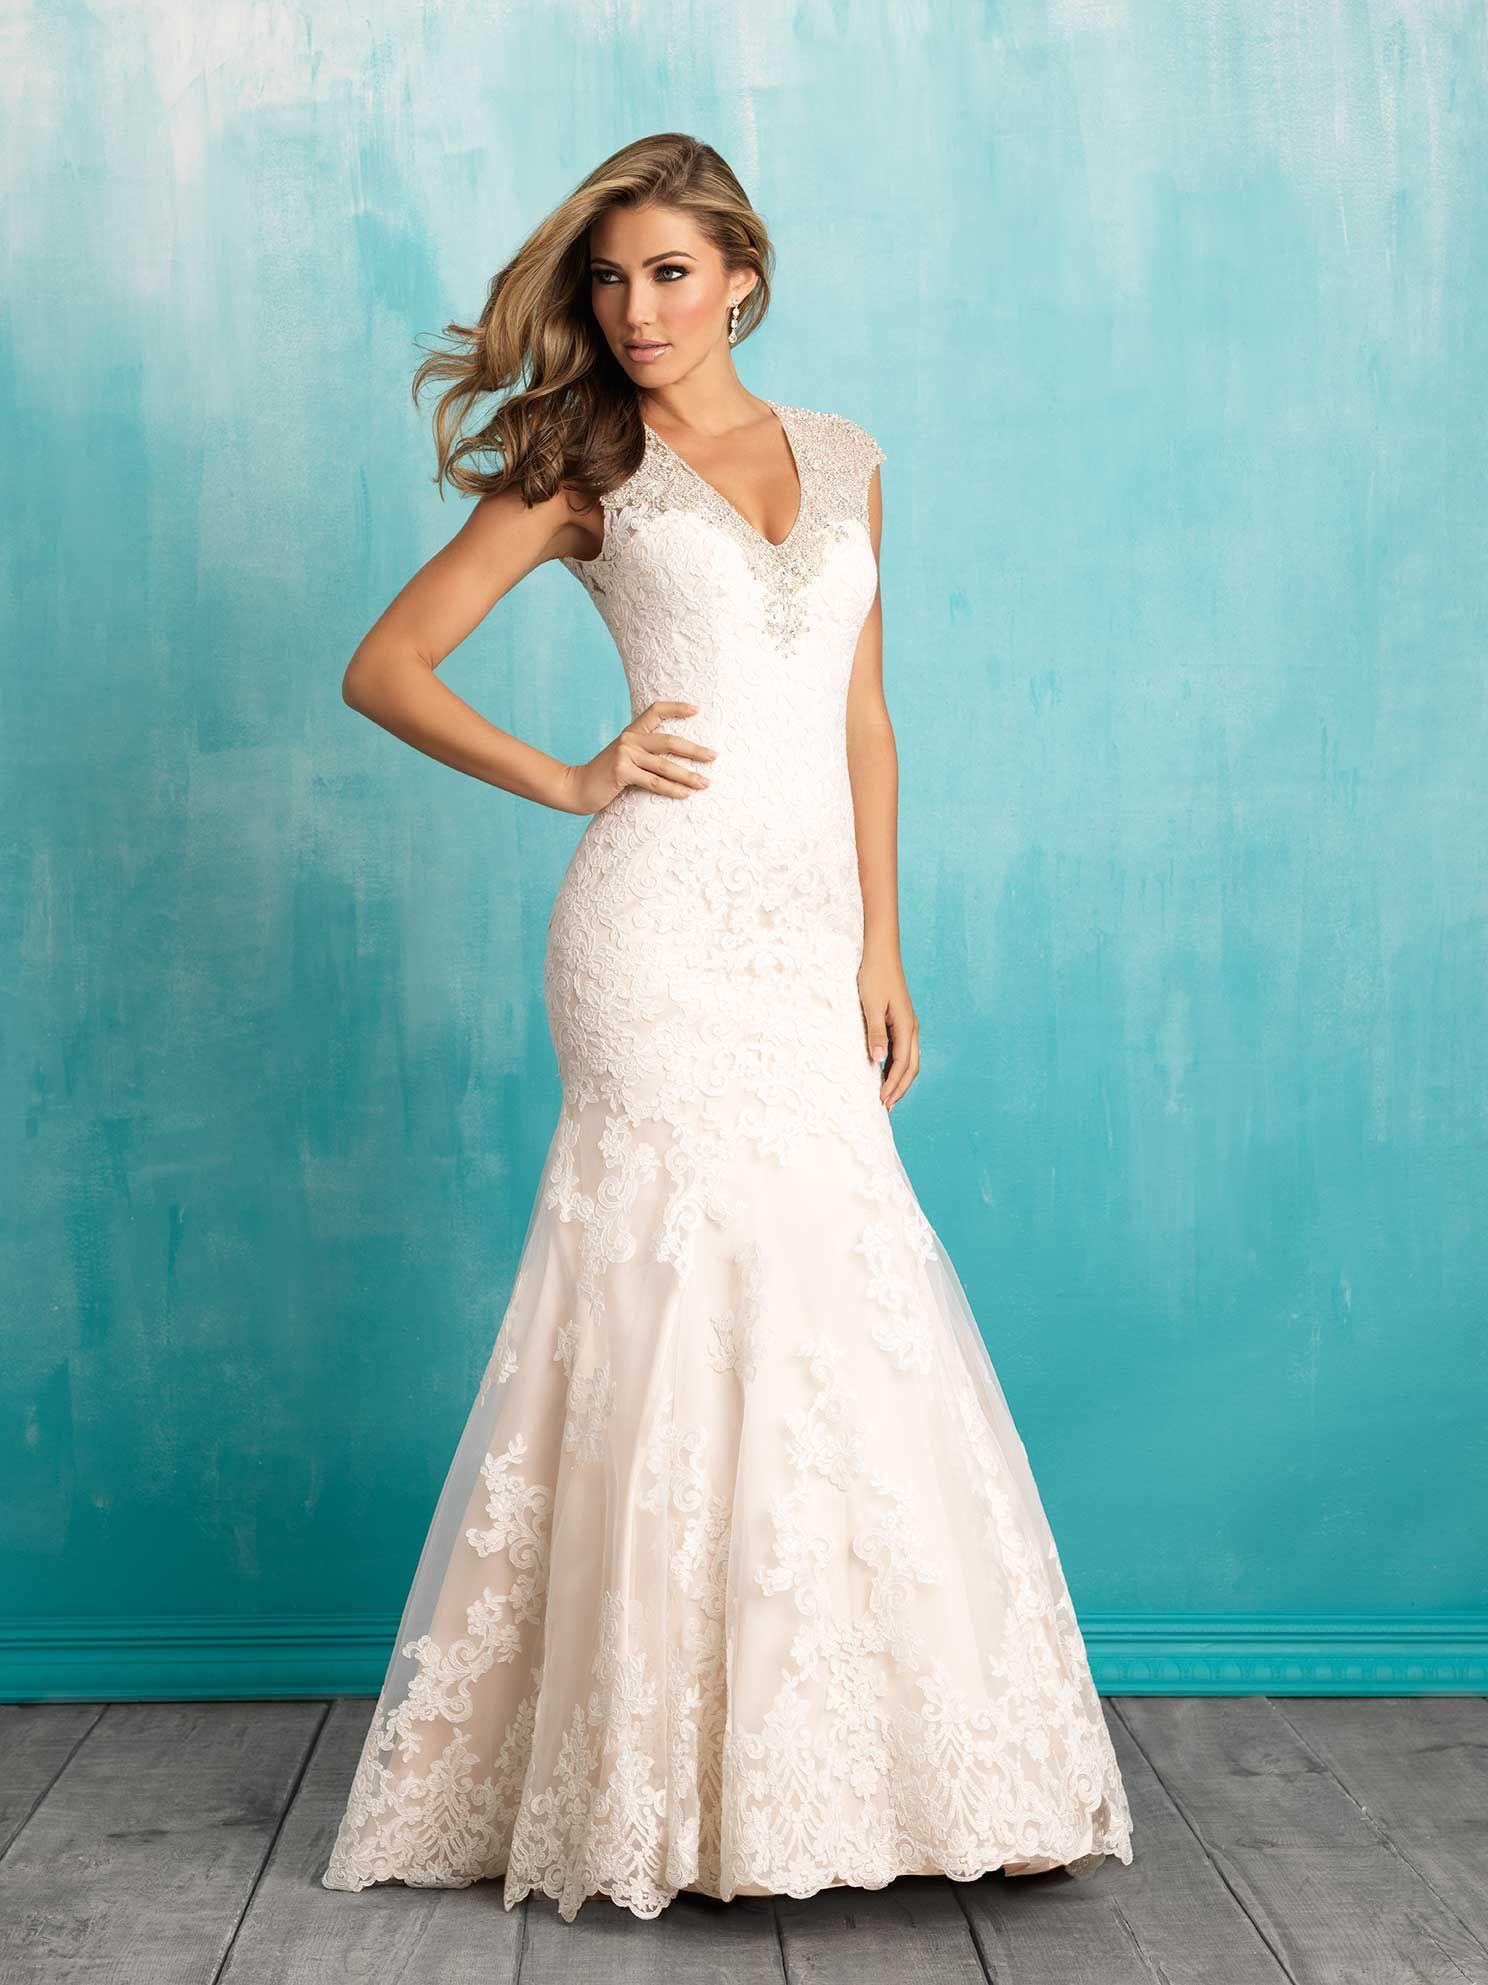 Allure Bridals #9307 Price: $2000-$2499 Silhouette: Modified A-Line ...